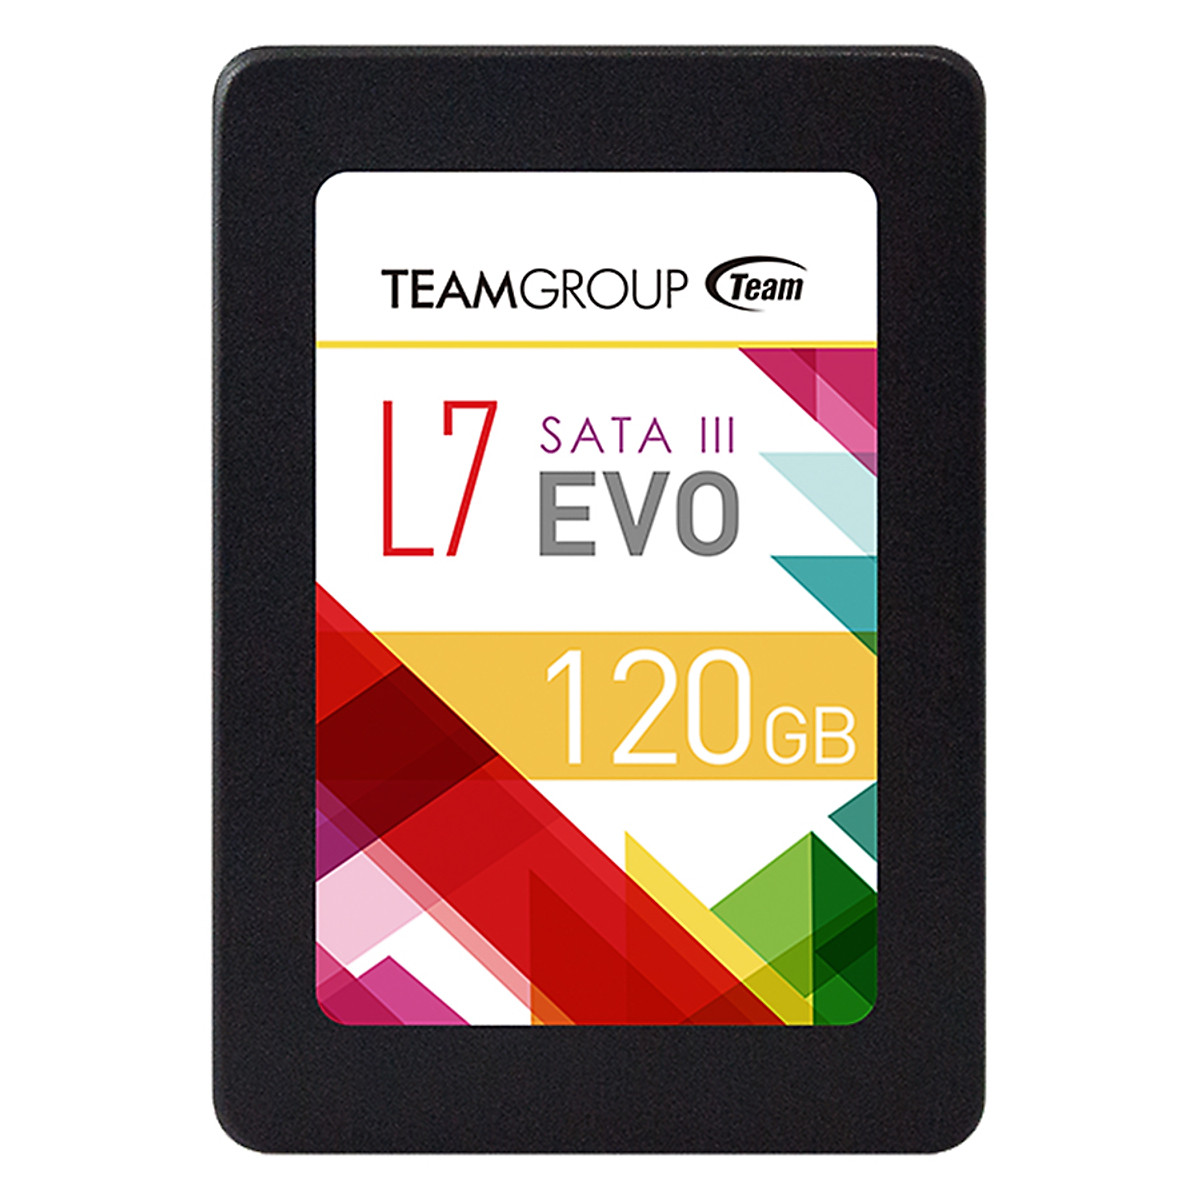 Ổ Cứng SSD 120GB Team L7 EVO Sata III – Hàng Chính Hãng